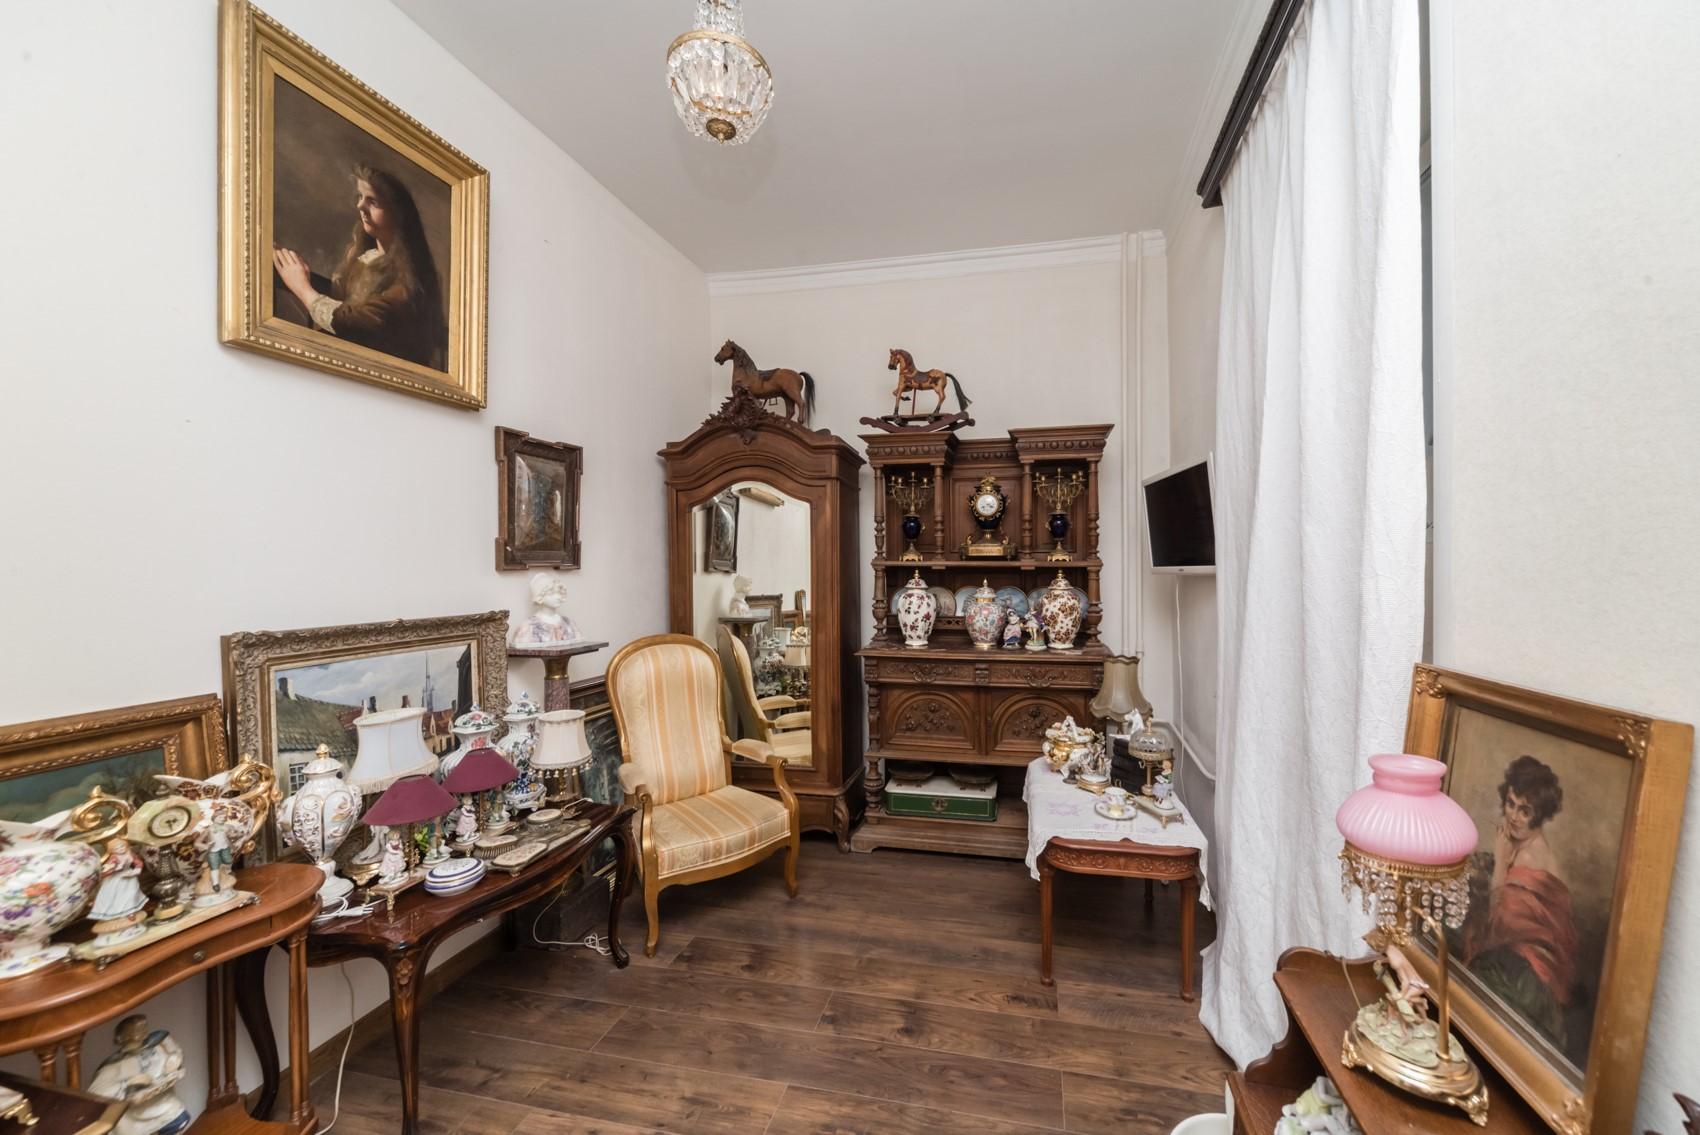 В ремонте квартиры сохранили антураж XVIII–XIX веков